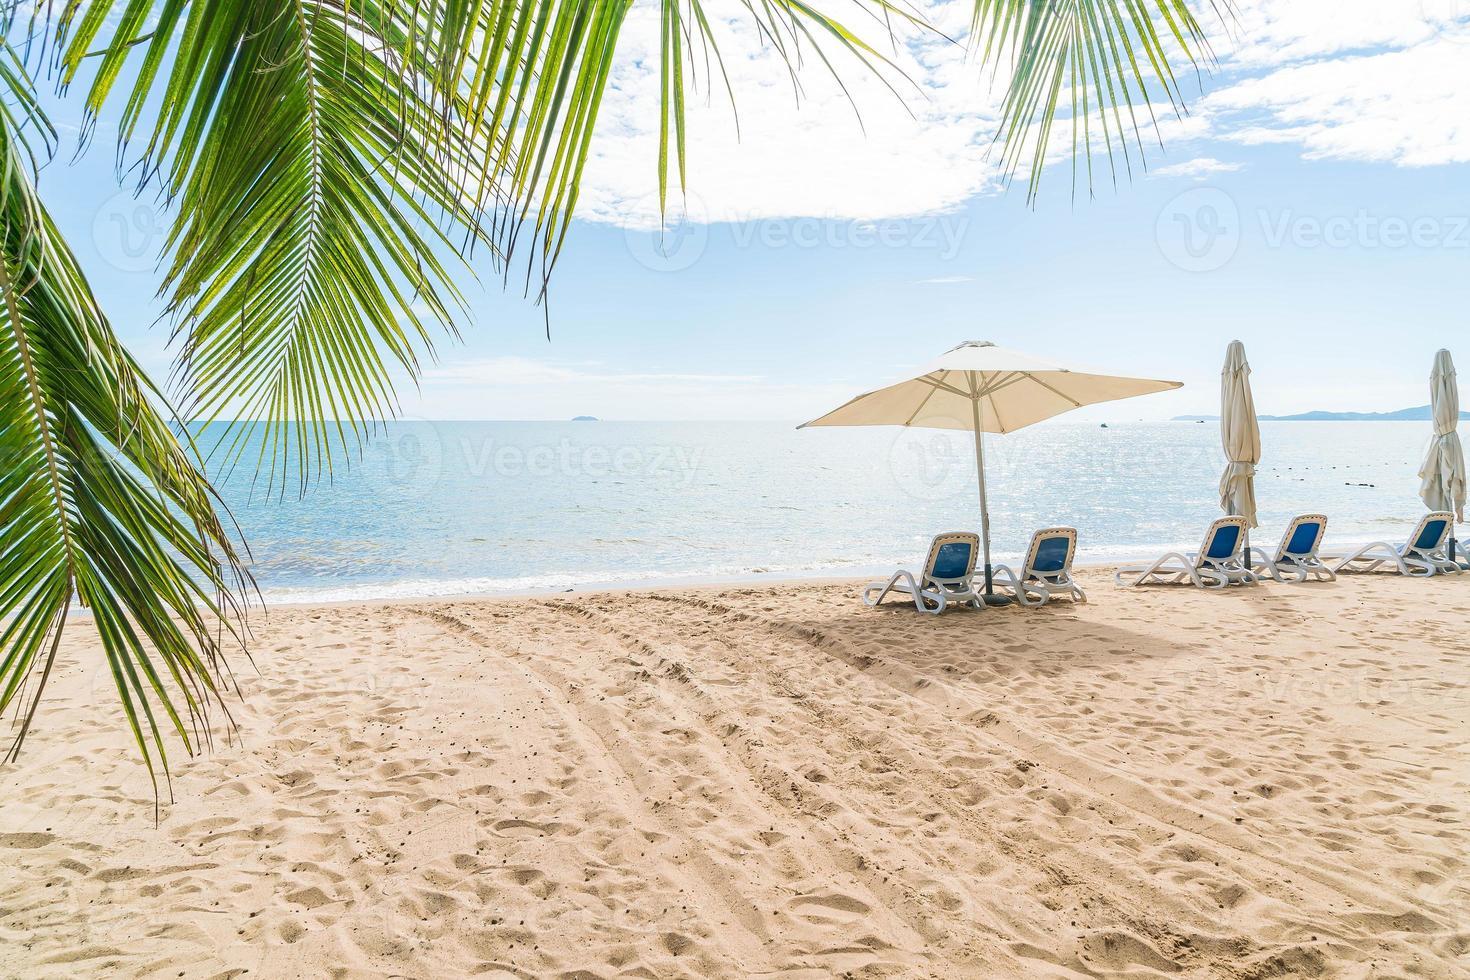 ao ar livre com guarda-sol e cadeira na bela praia tropical e mar foto